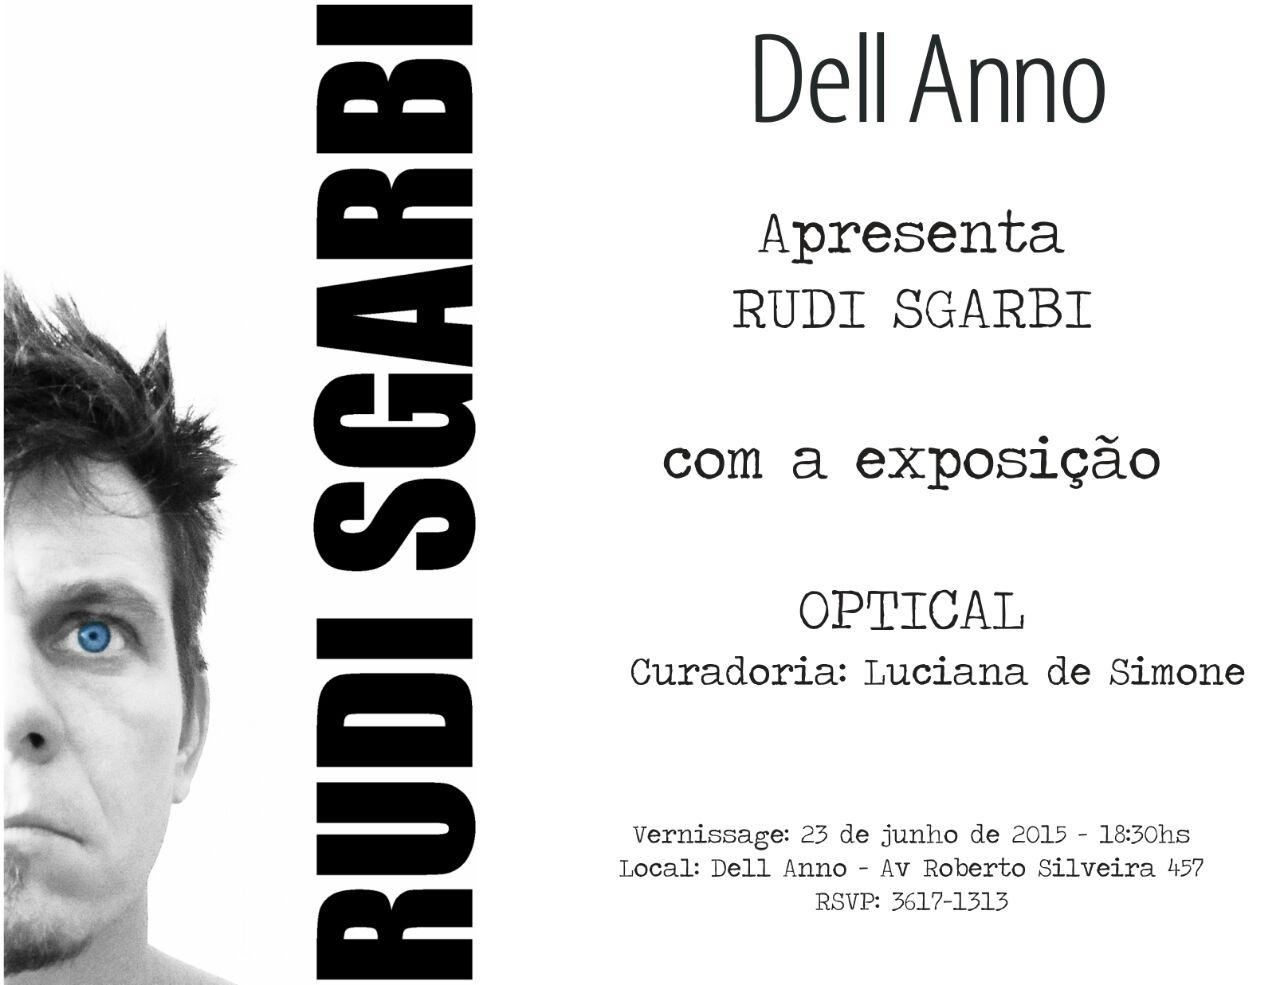 Dell Anno Niterói  apresenta exposição OPTICAL de Rudi Sgarbi